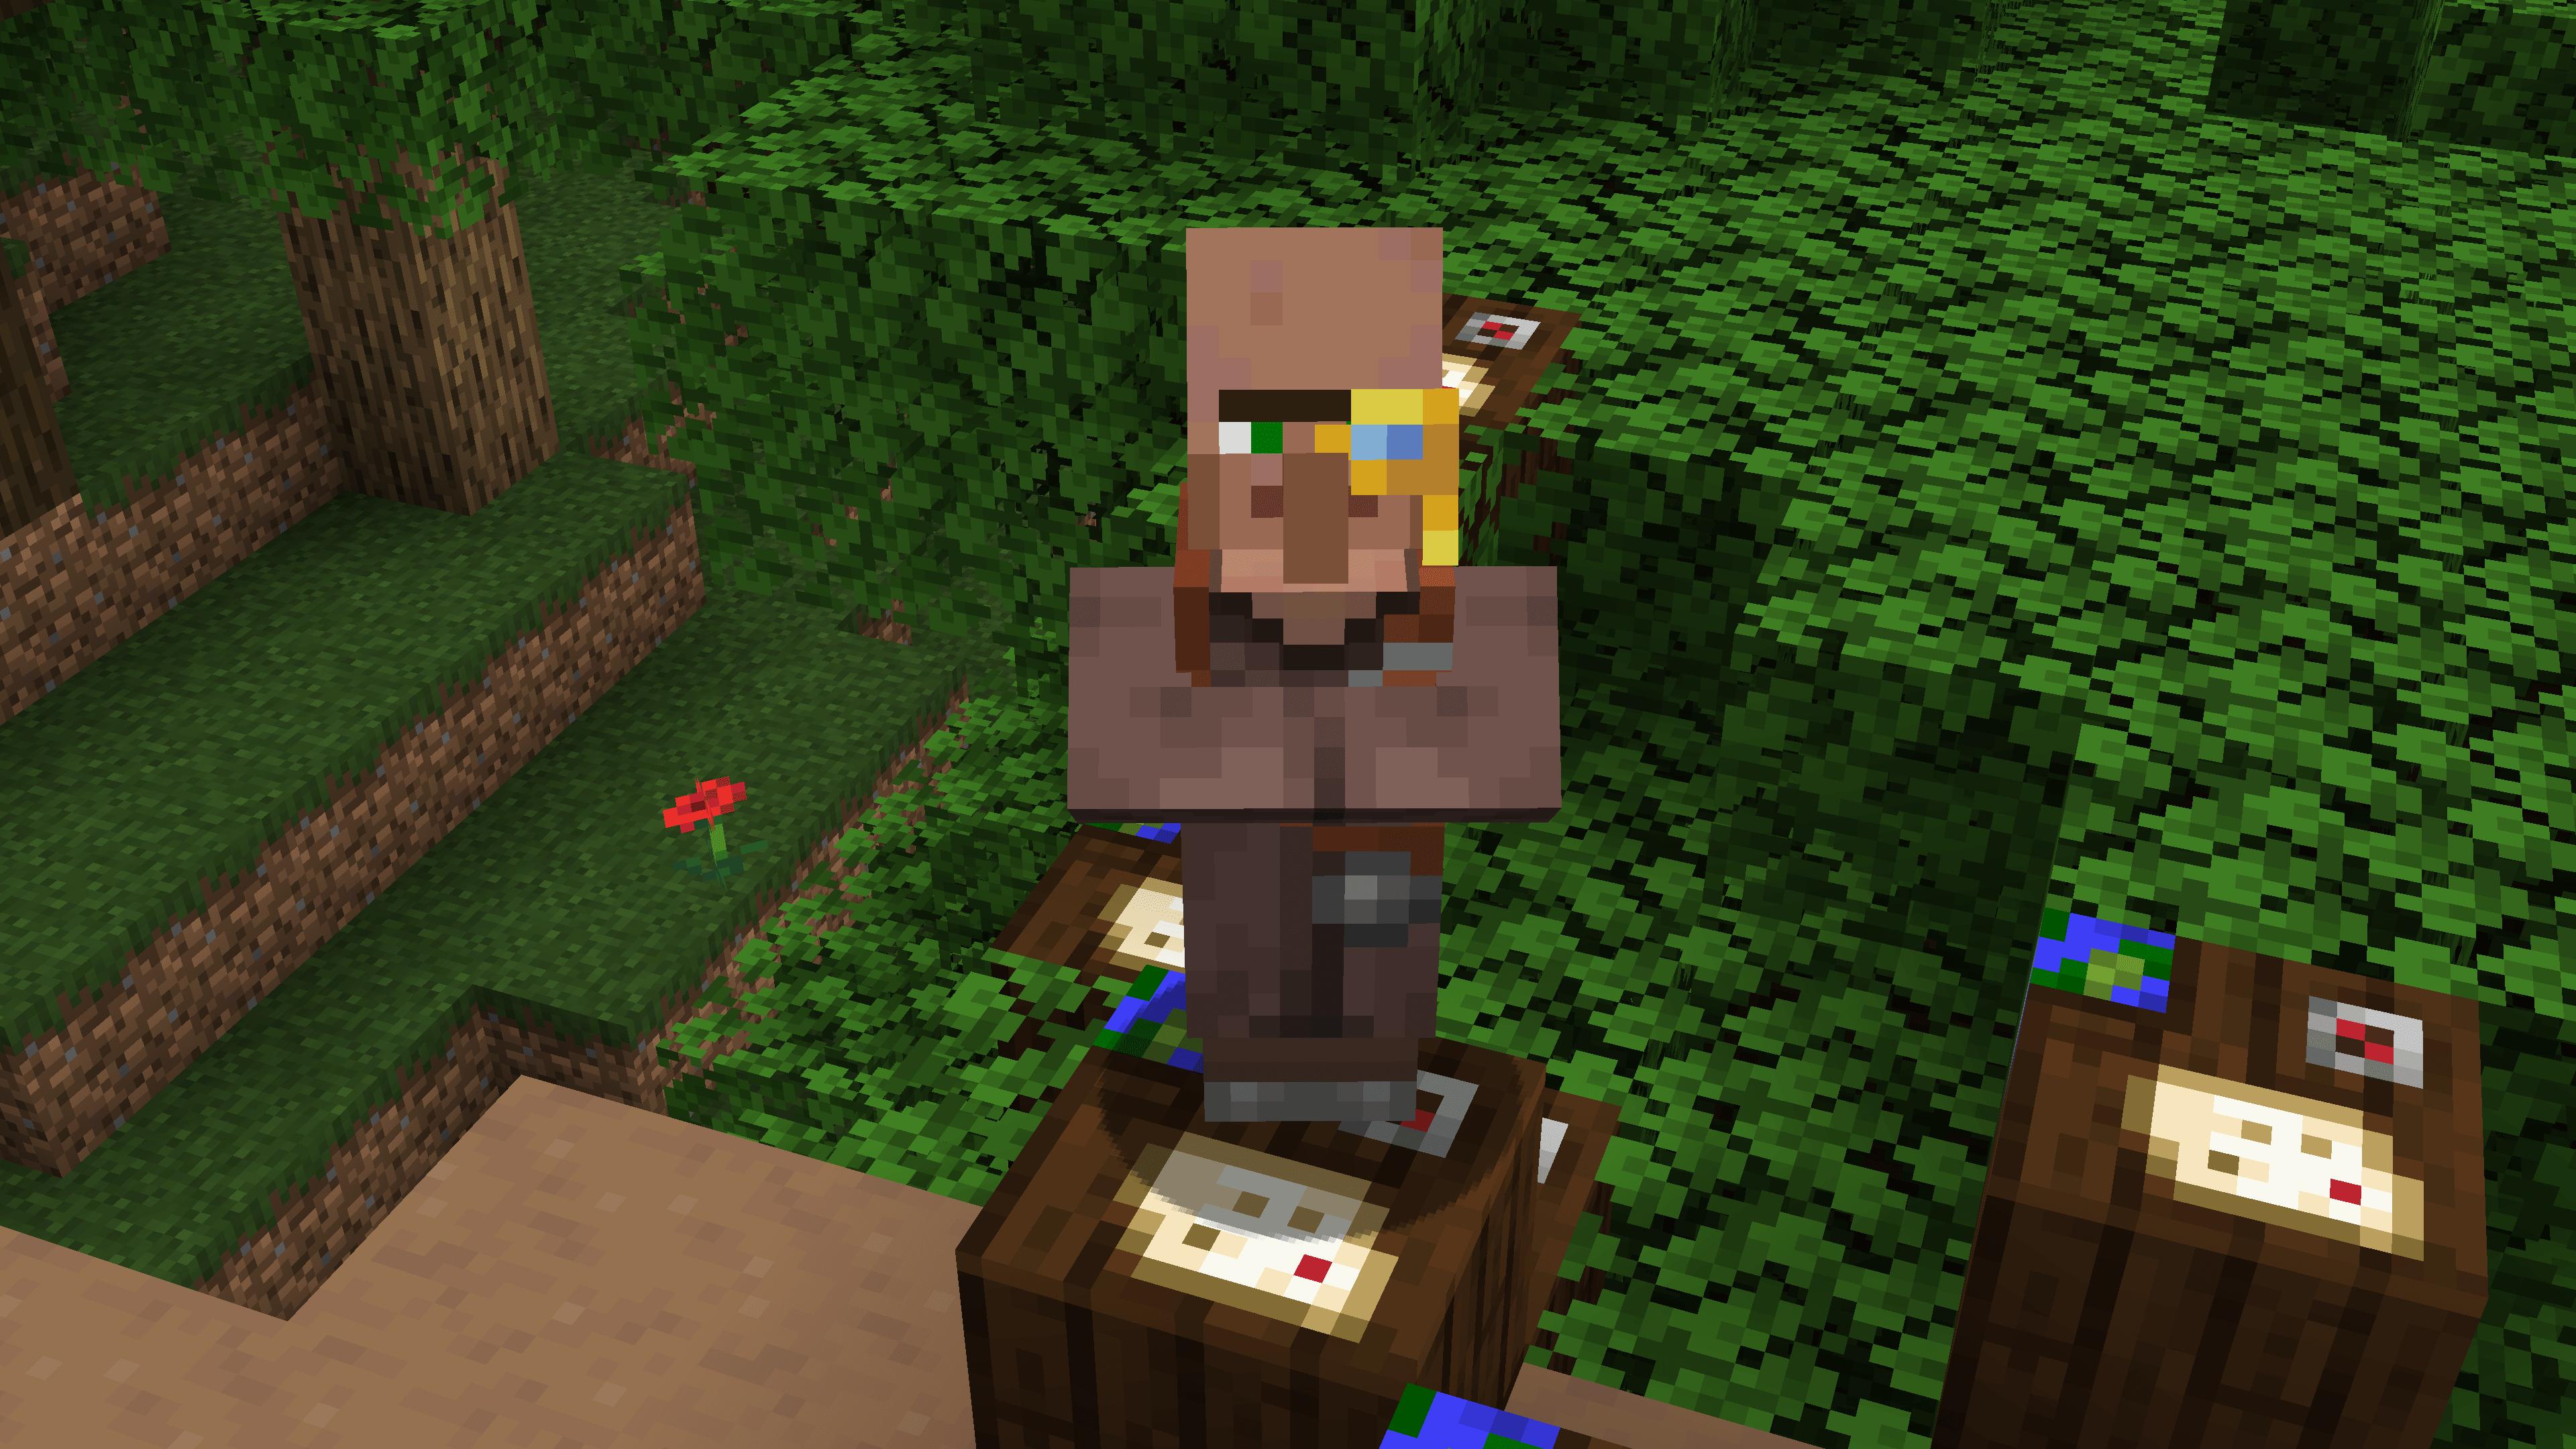 Una volta arrivato al villaggio, è il momento di cercare il cartografo. Importante cosa perché ci darà una mappa per trovare la magione!